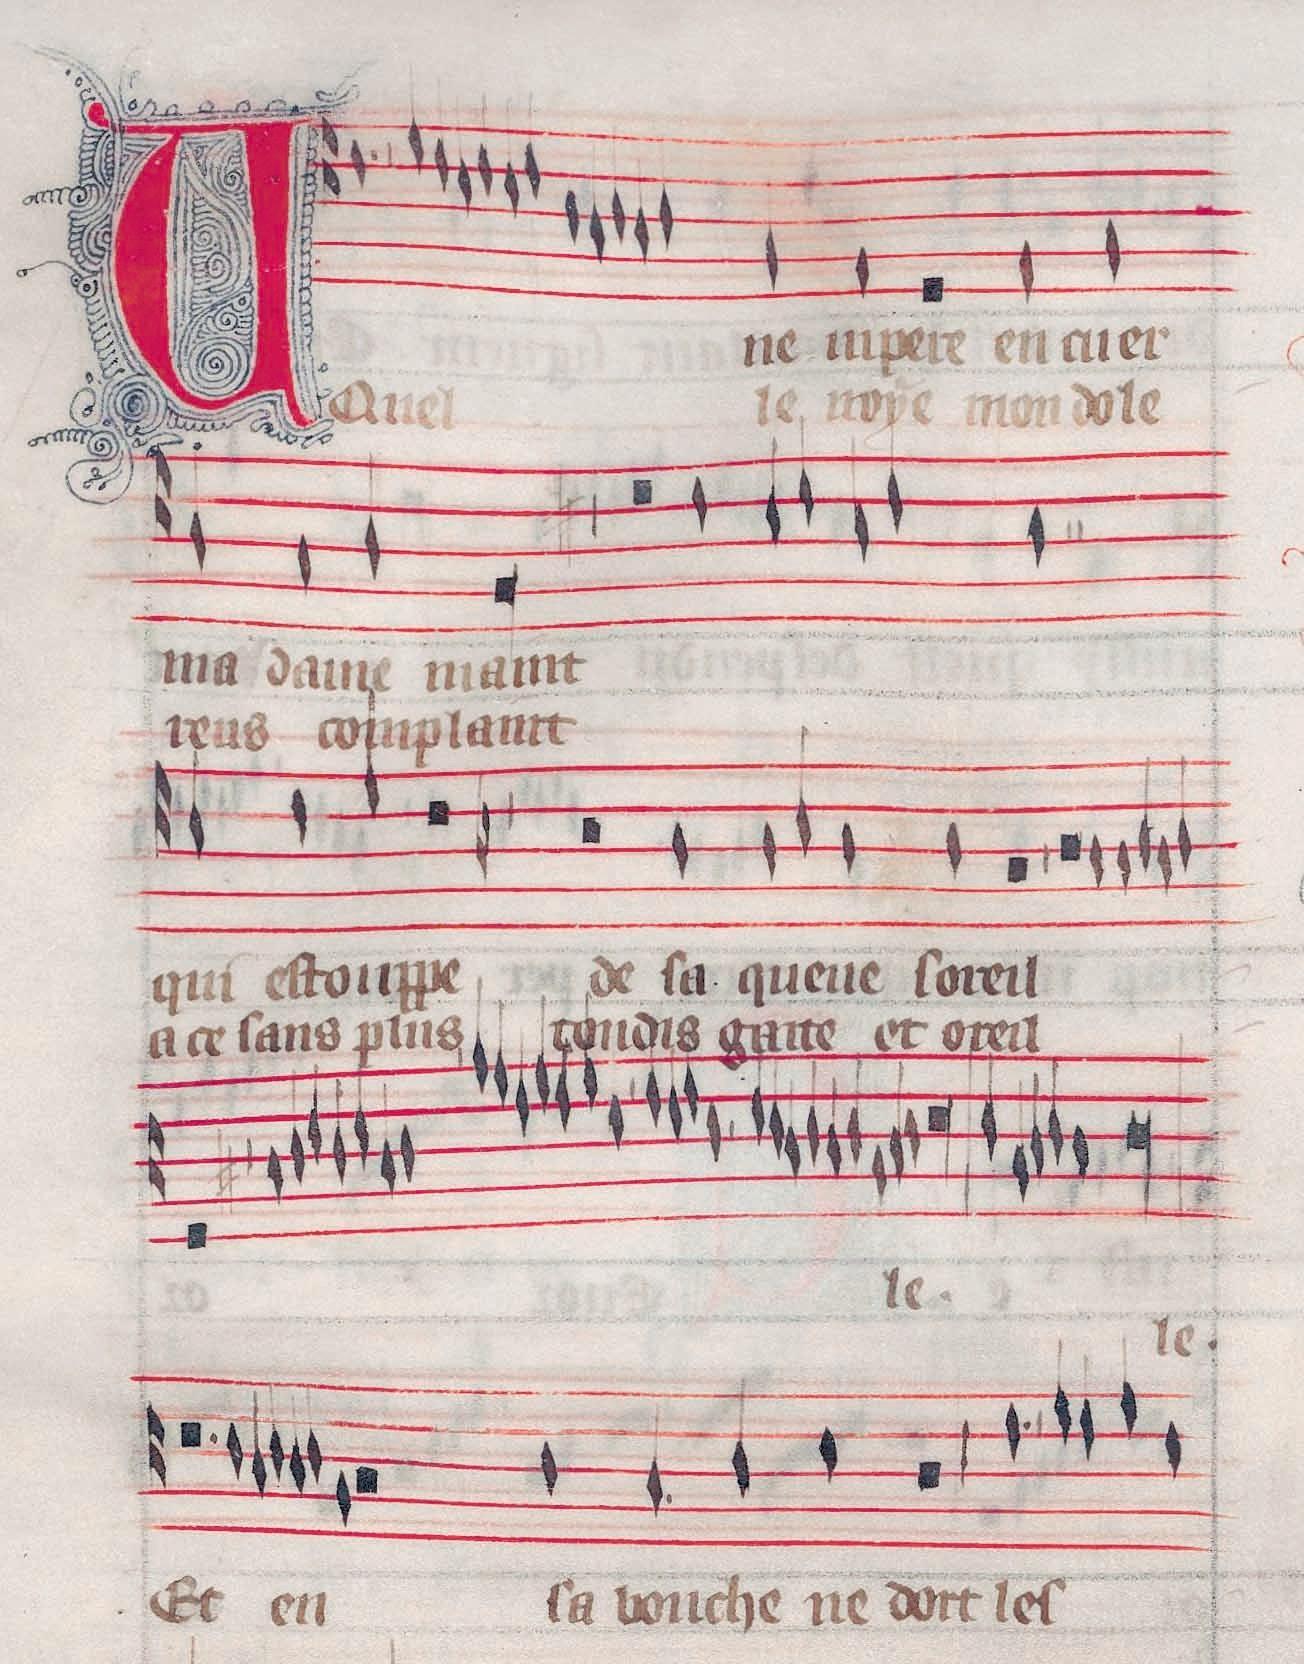 Guillaume de Machaut, partition manuscrite de la ballade « Une vipere en cuer madame meint », Nouveaux dits amoureux, XIVe siècle.